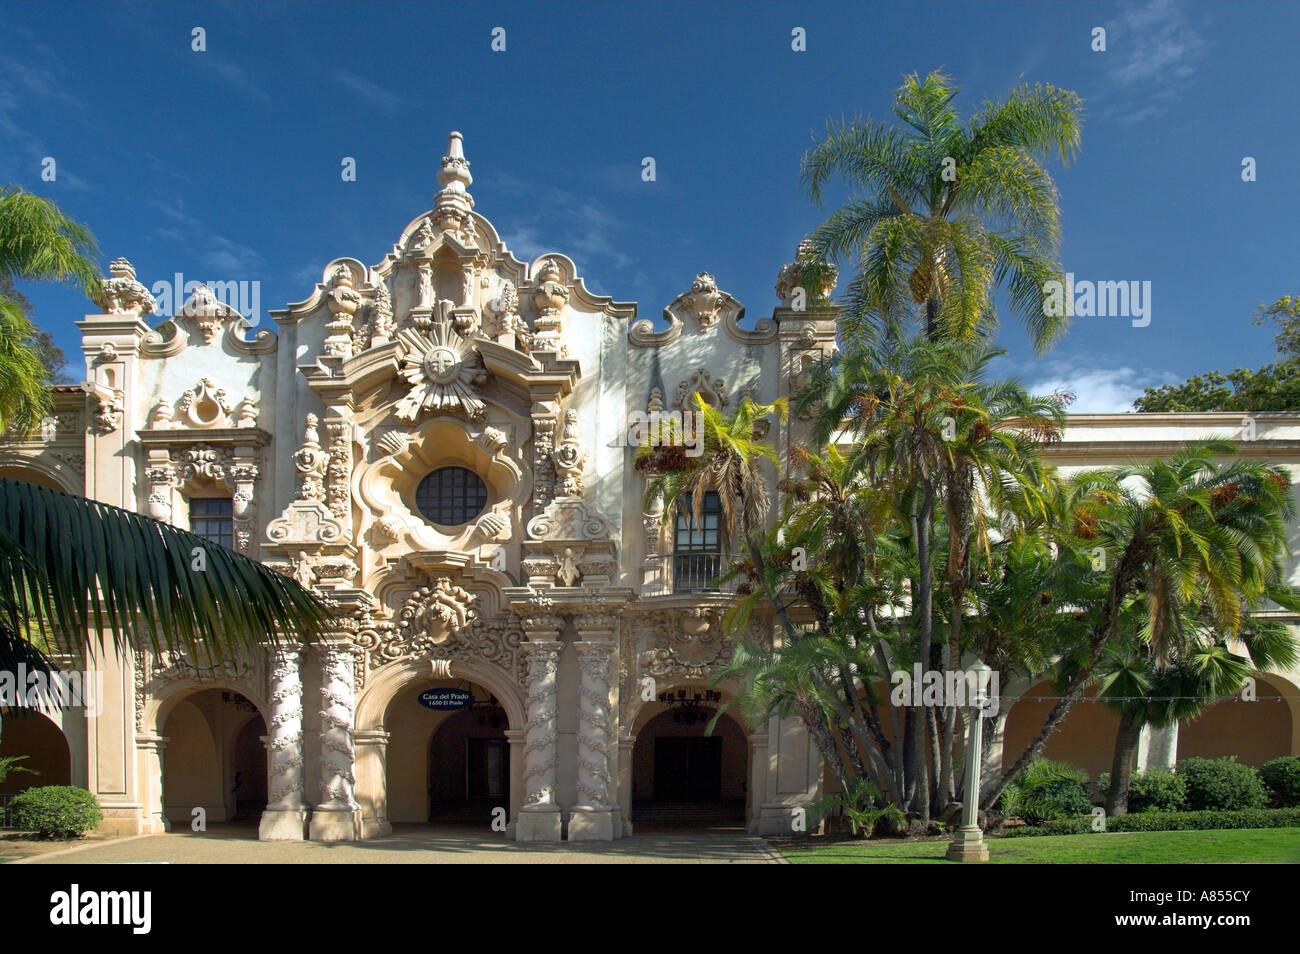 The ornate architecture of the Casa del Prado building in Balboa